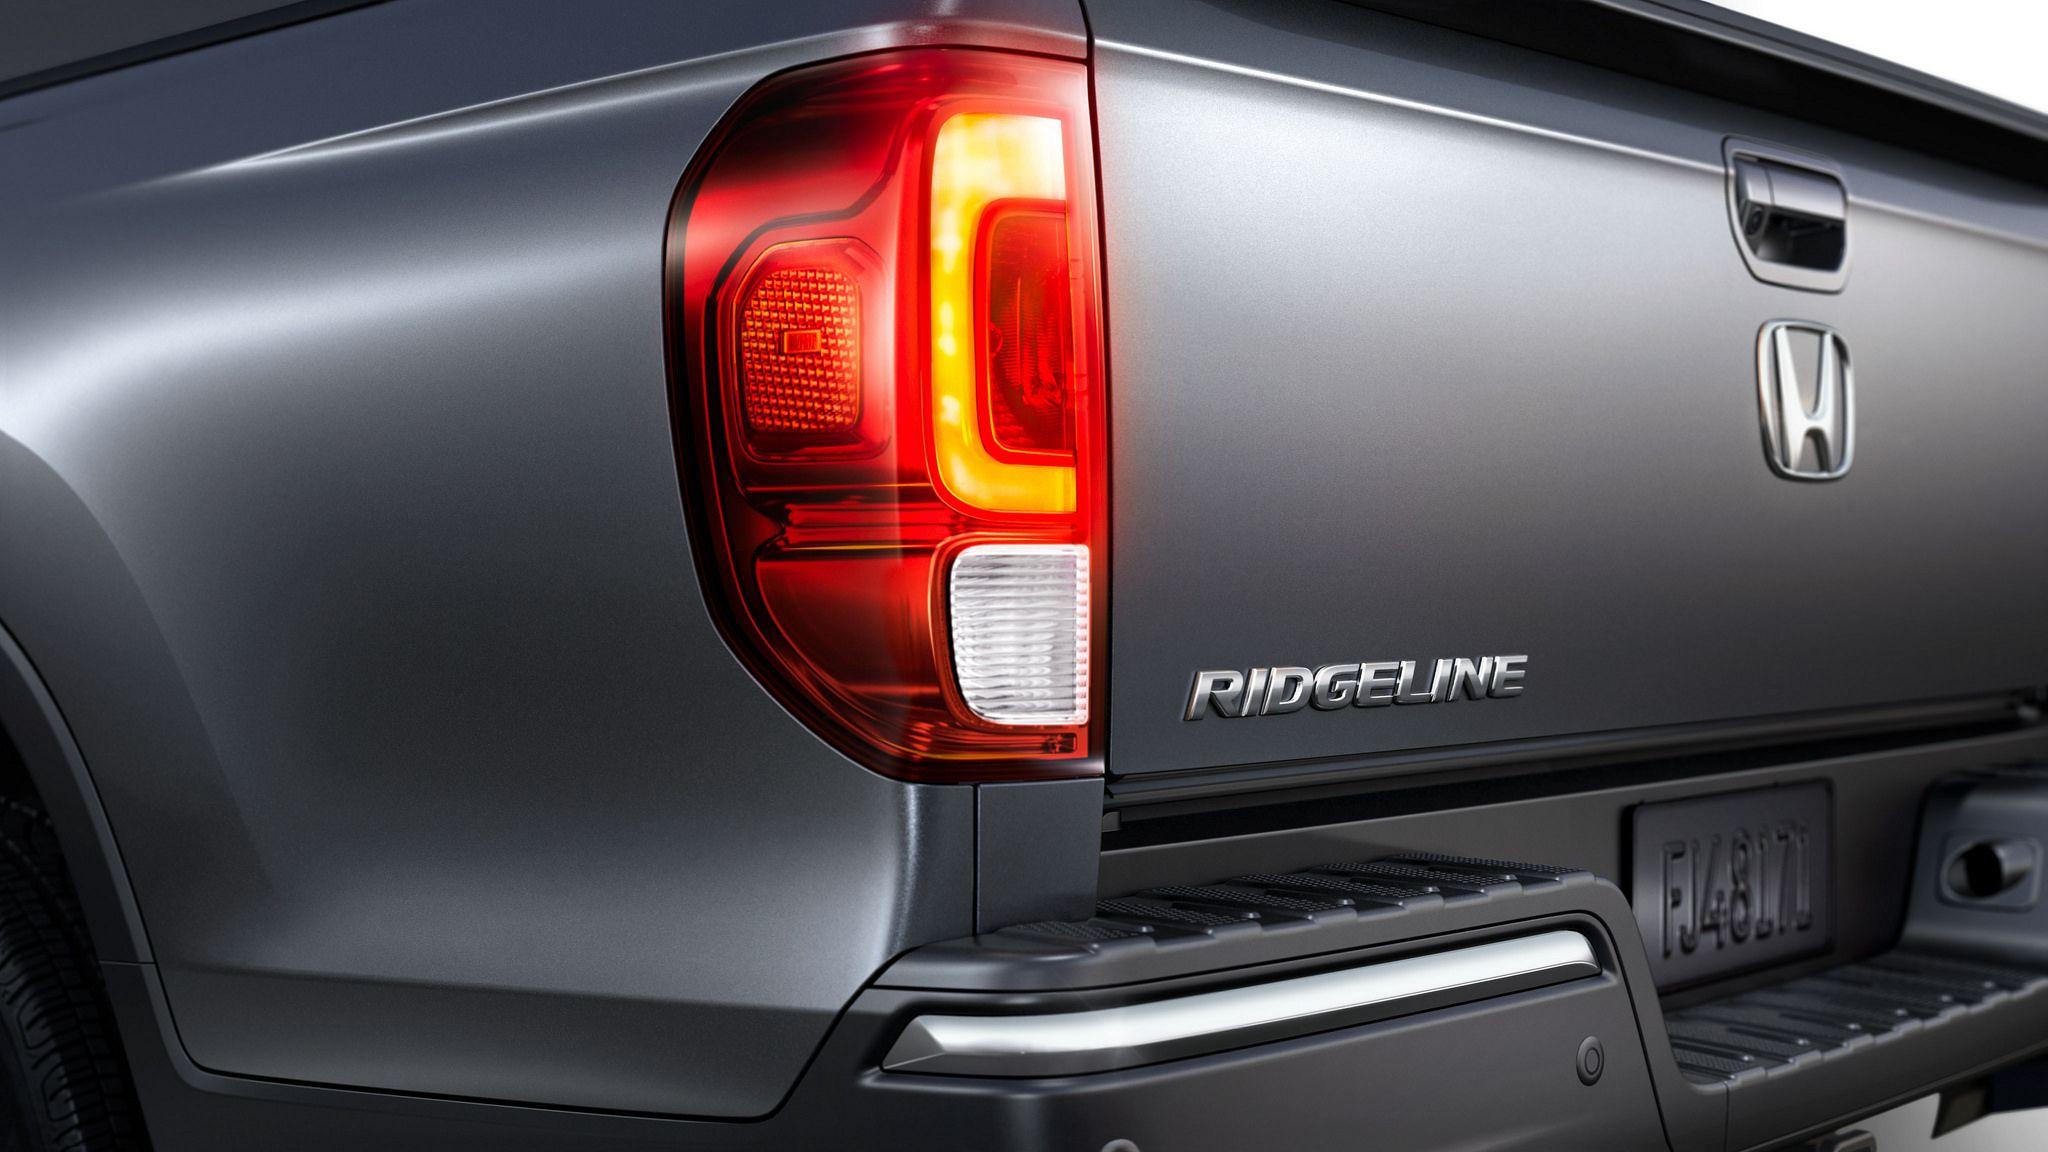 Image Result For Honda Ridgeline Crash Test Rating